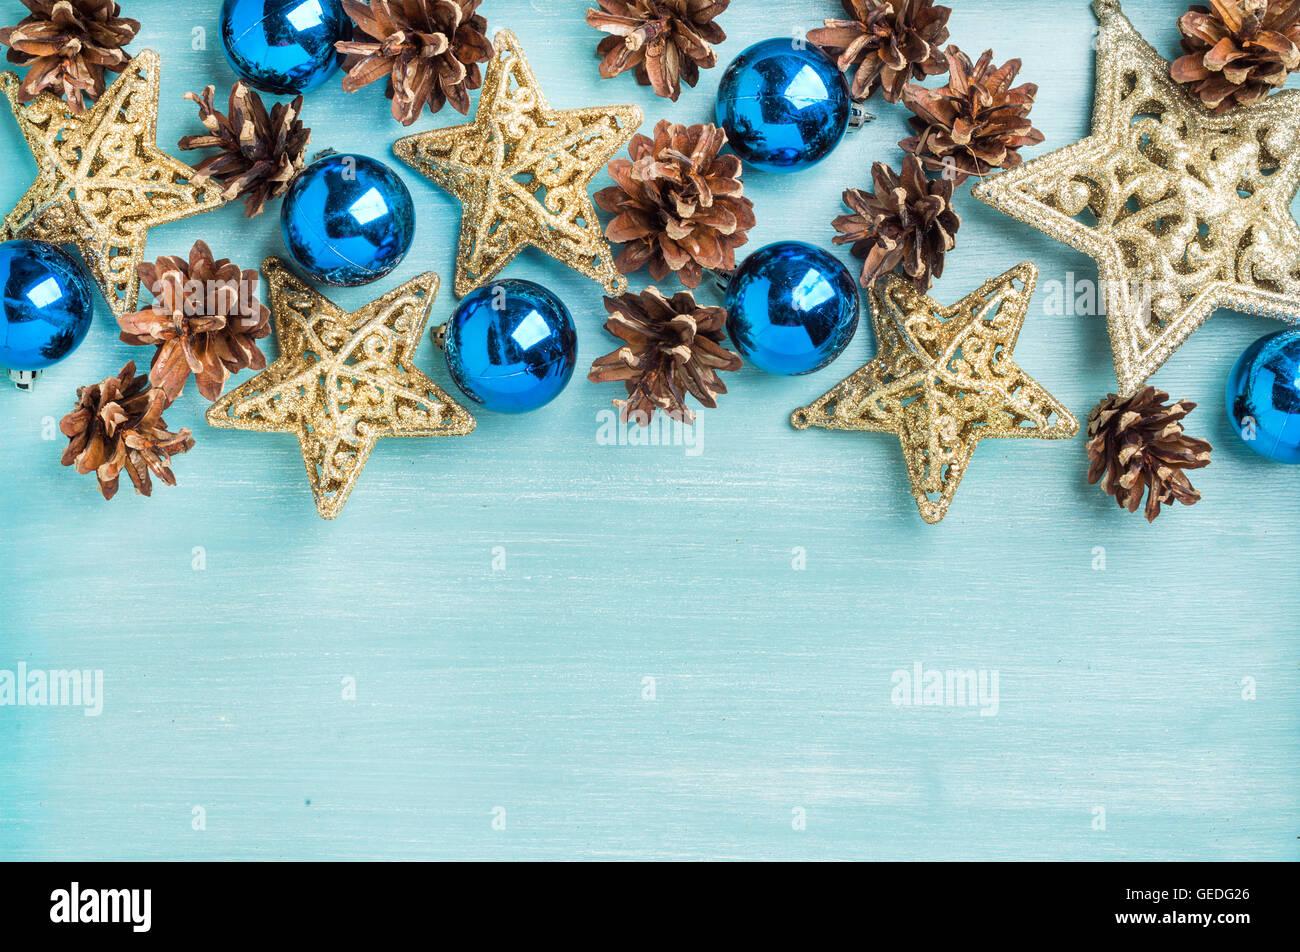 Décoration de Noël ou Nouvel an contexte: pommes de pin, boules de verre bleu, étoiles d'or Photo Stock